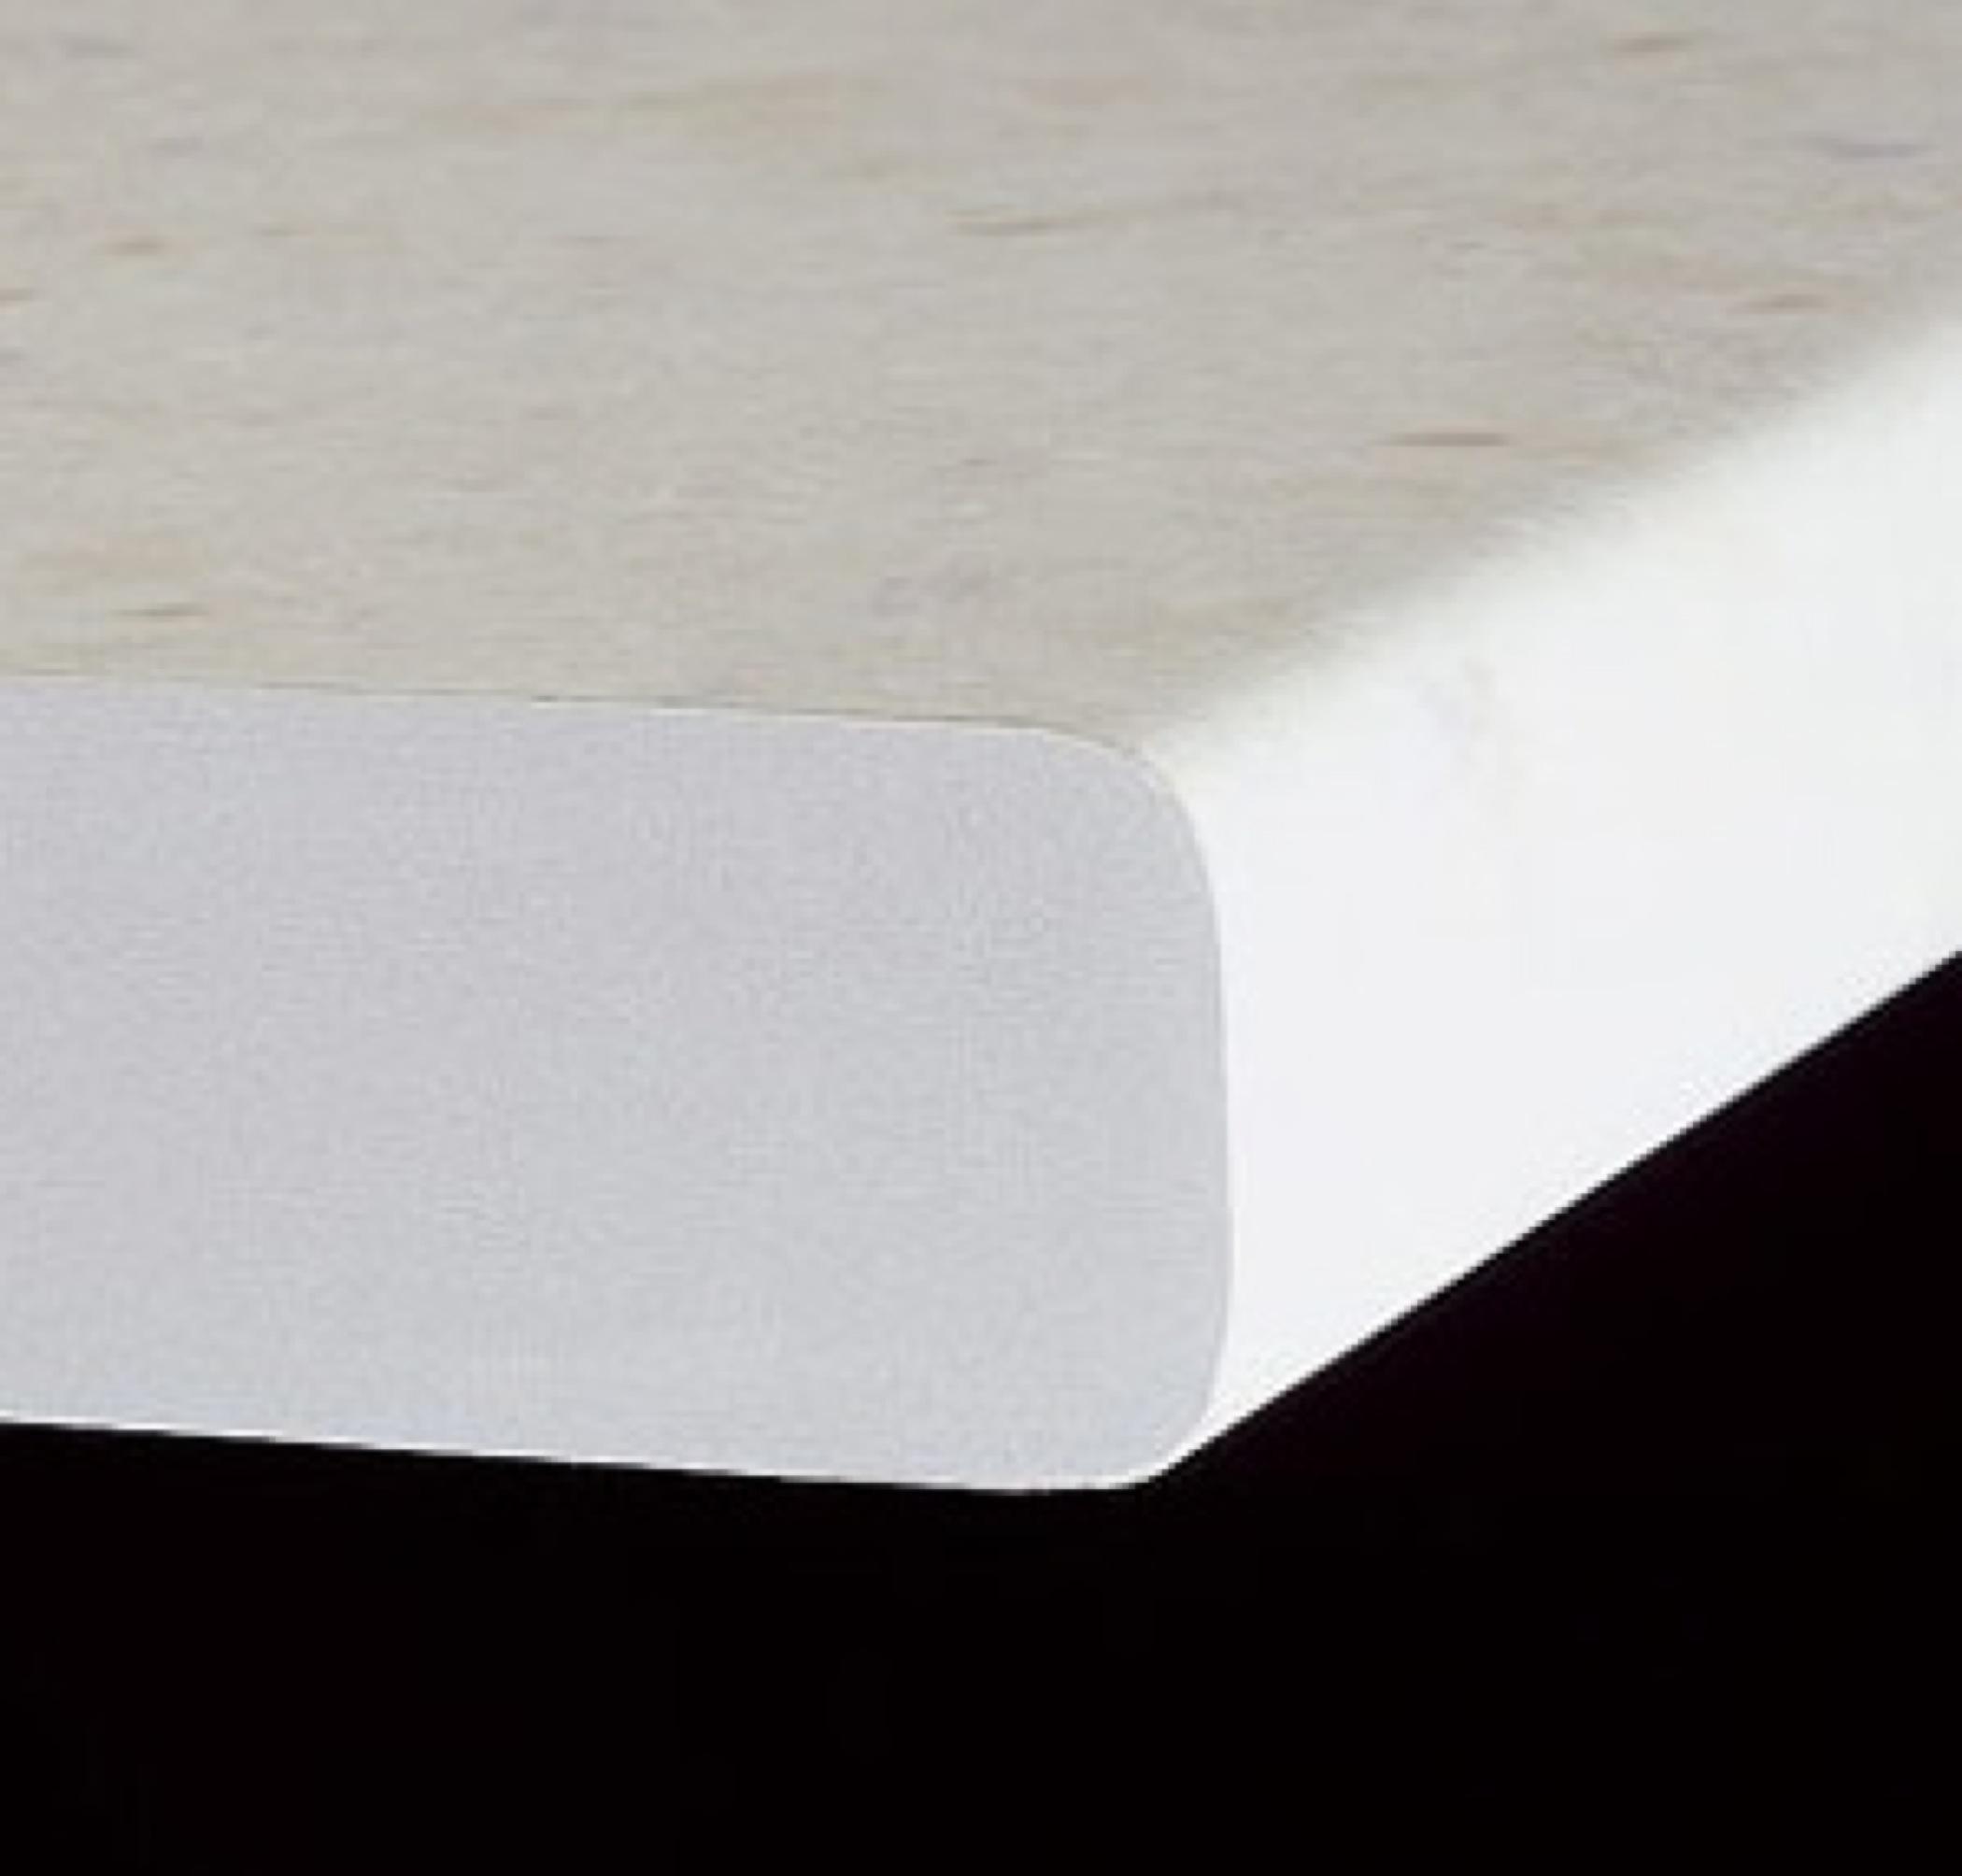 Piano TOP Per CUCINA Banco Lavoro Isola Penisola Tavolo SU MISURA Con  #050002 2100 2008 Pensili Per Cucina Leroy Merlin